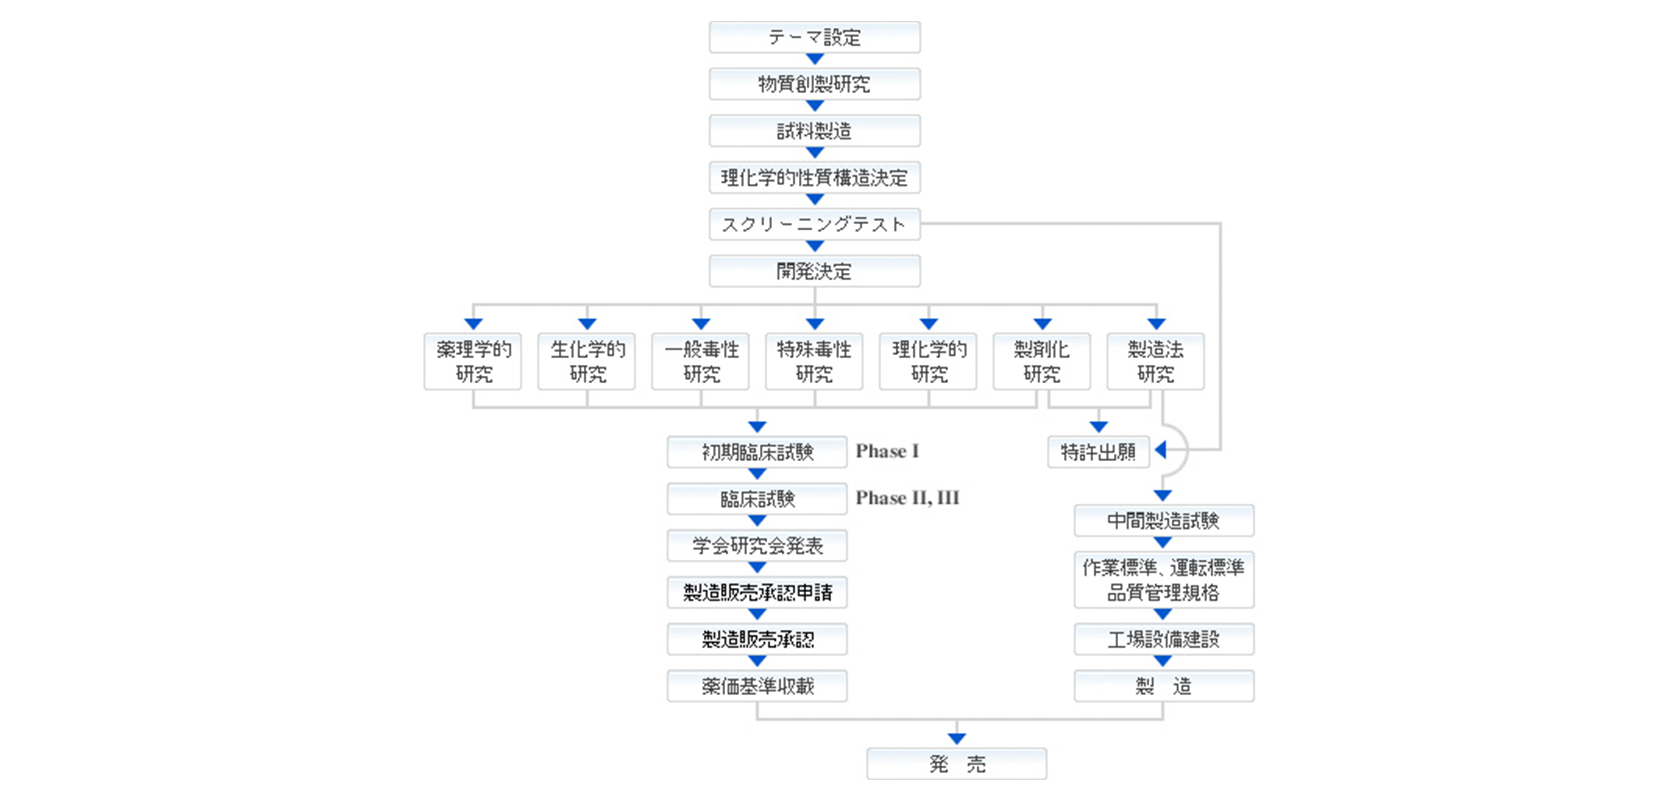 [図]新薬開発から承認までのフロー図